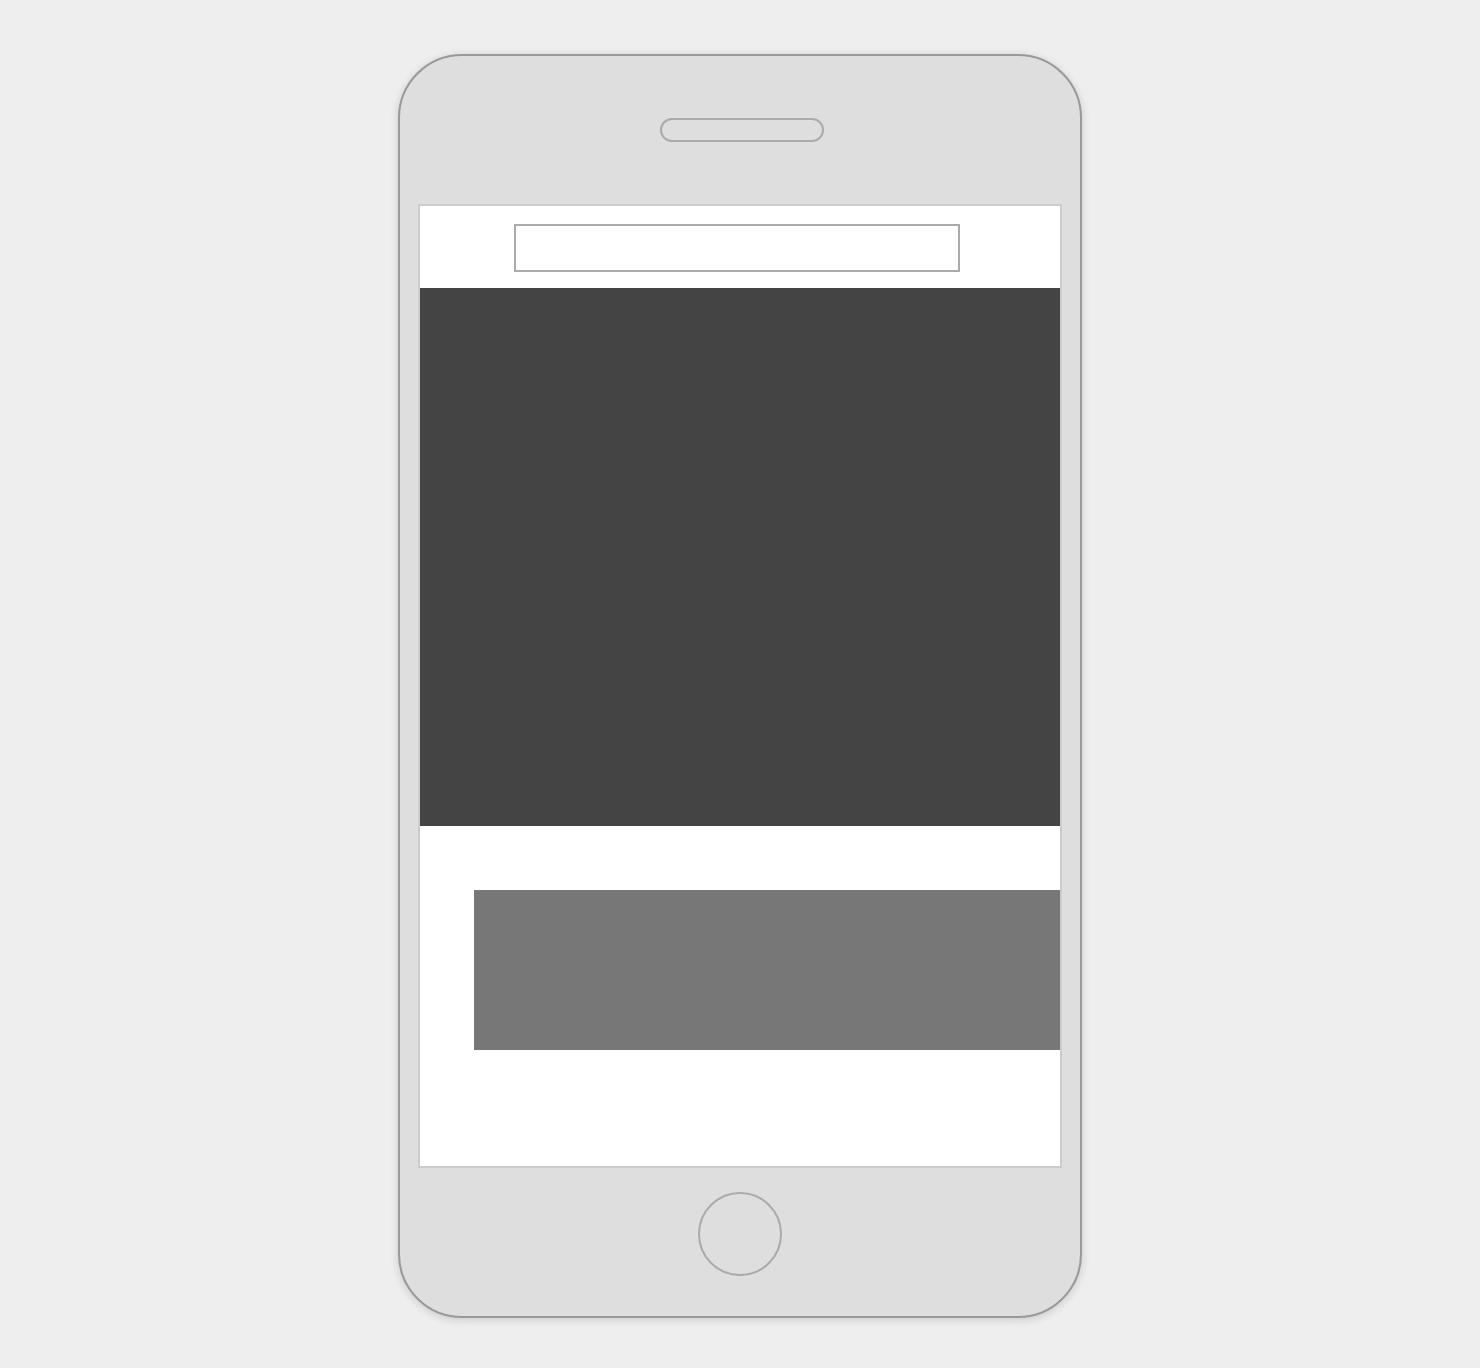 ヘッダーが固定表示されたページをスマートフォンでピンチ&ズームしたときのイメージ